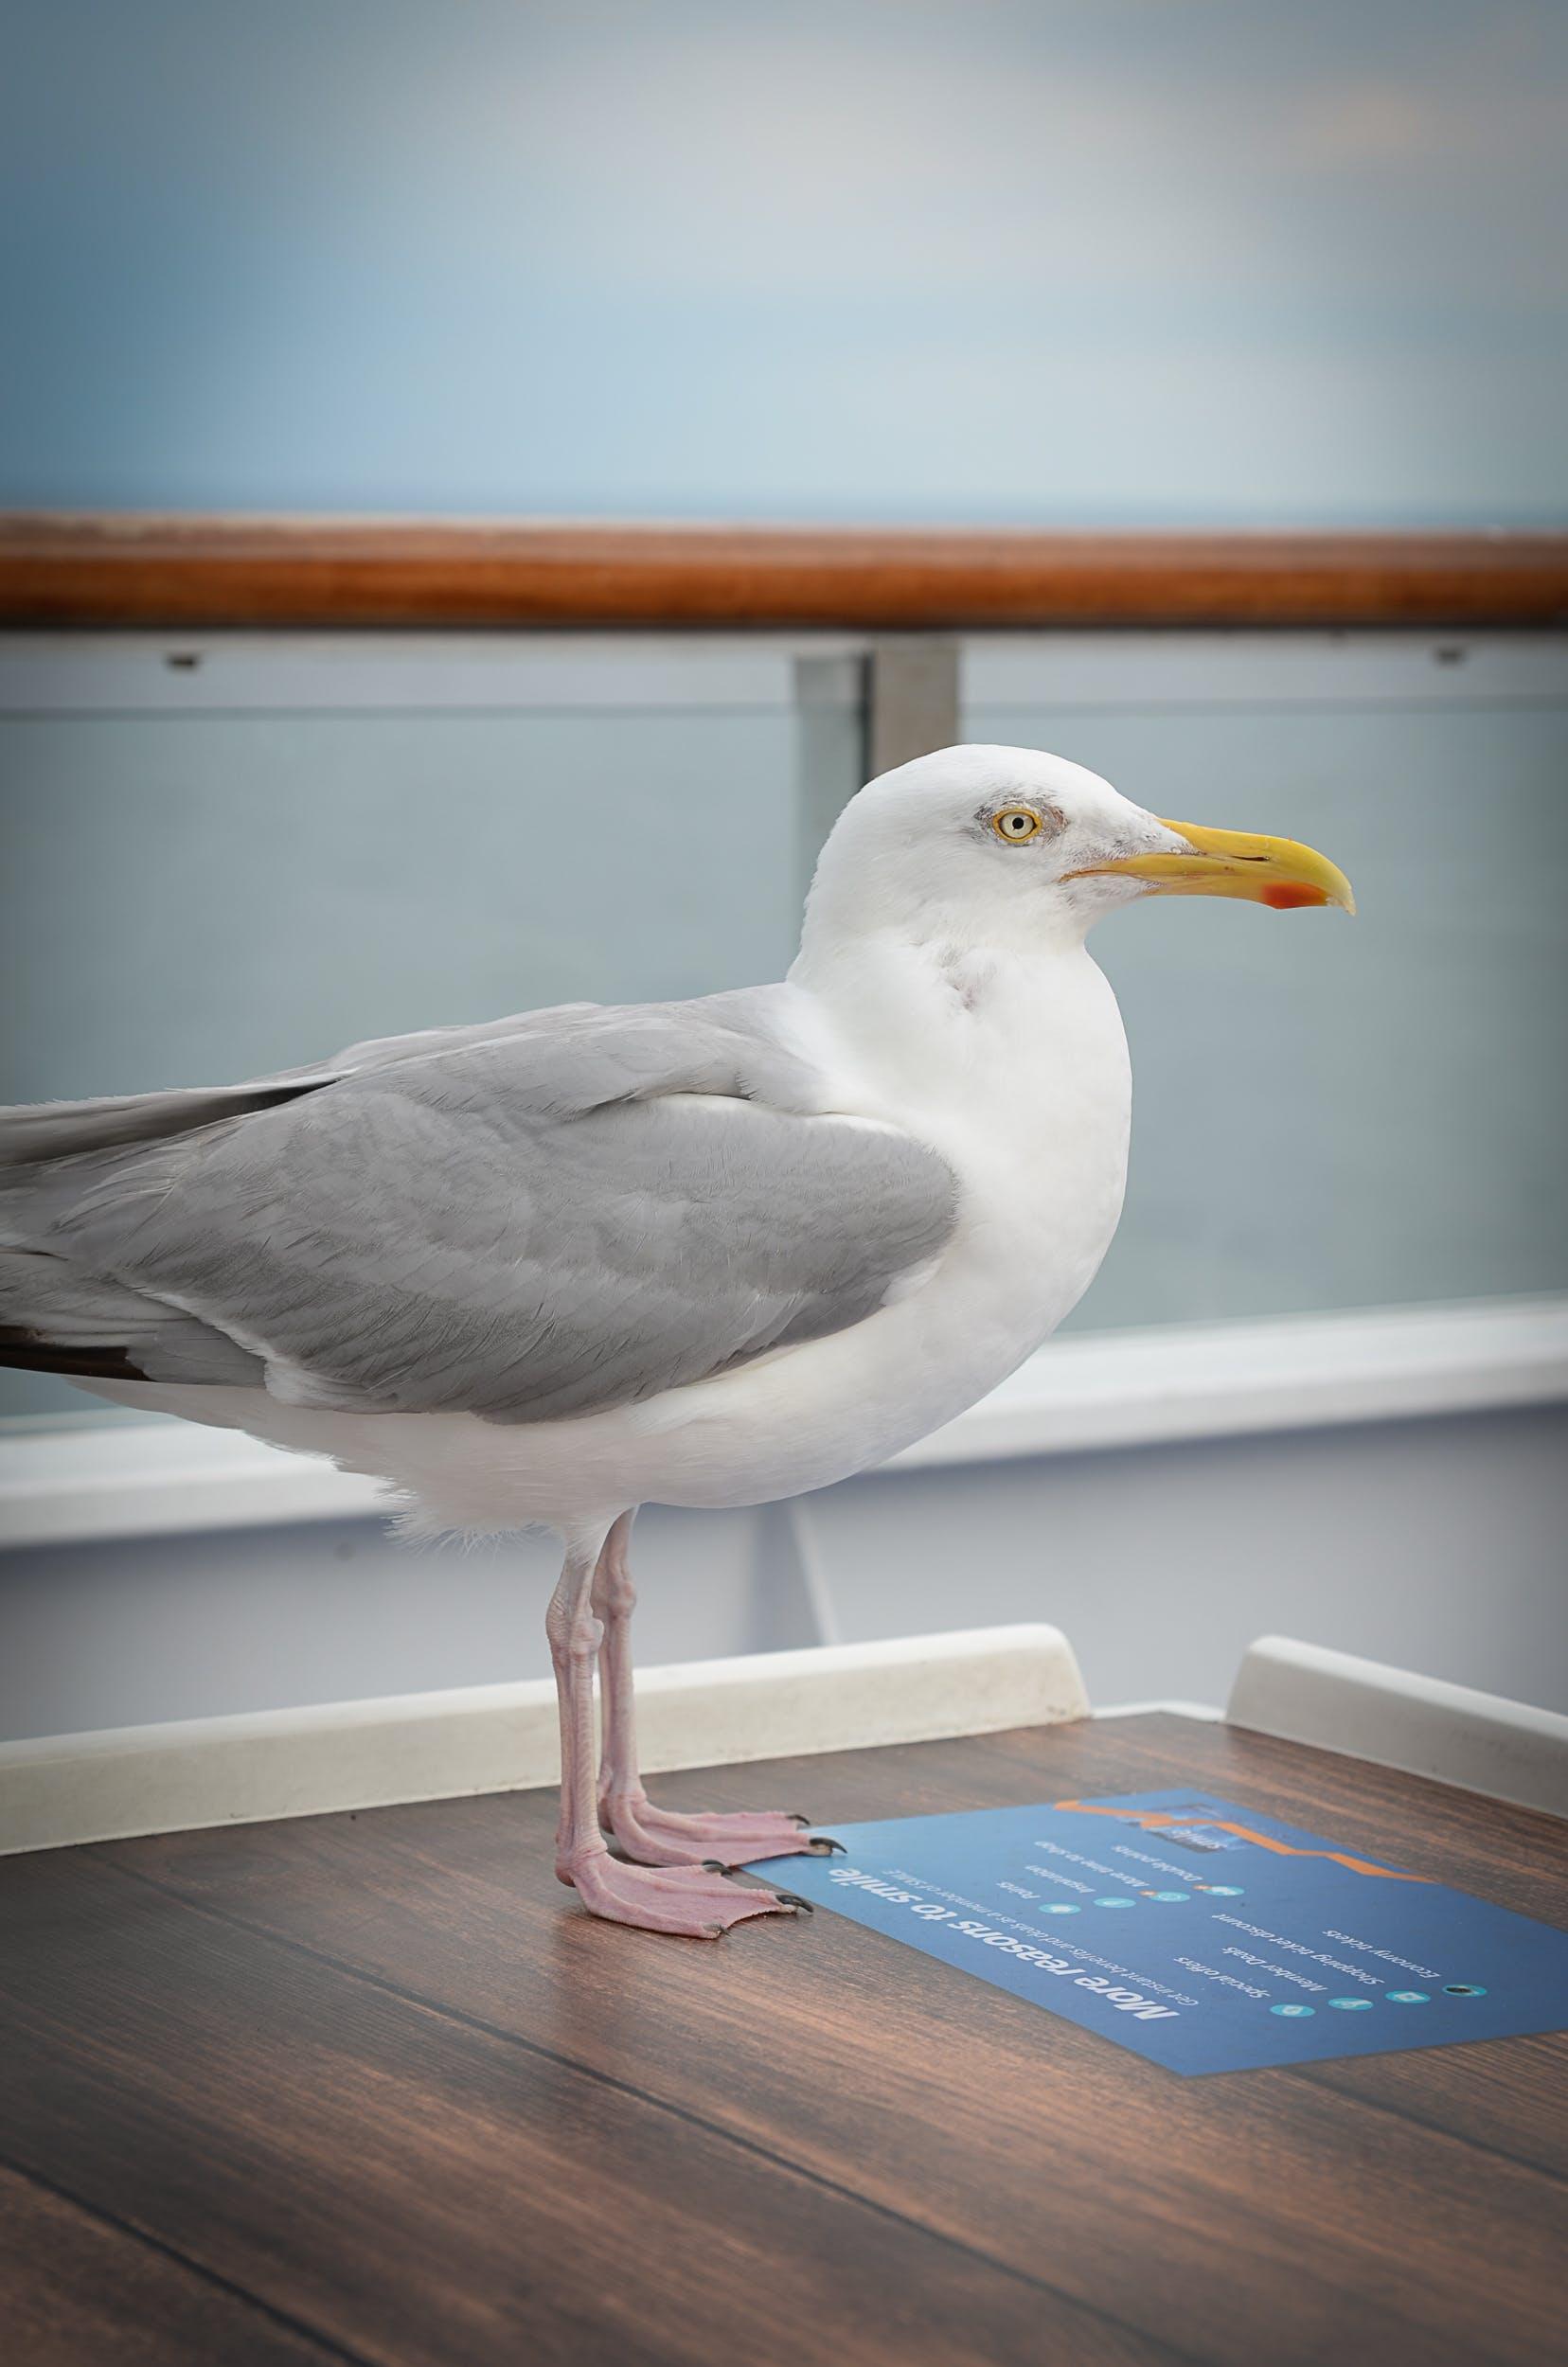 かもめ, ボート, 側面図, 動物の無料の写真素材